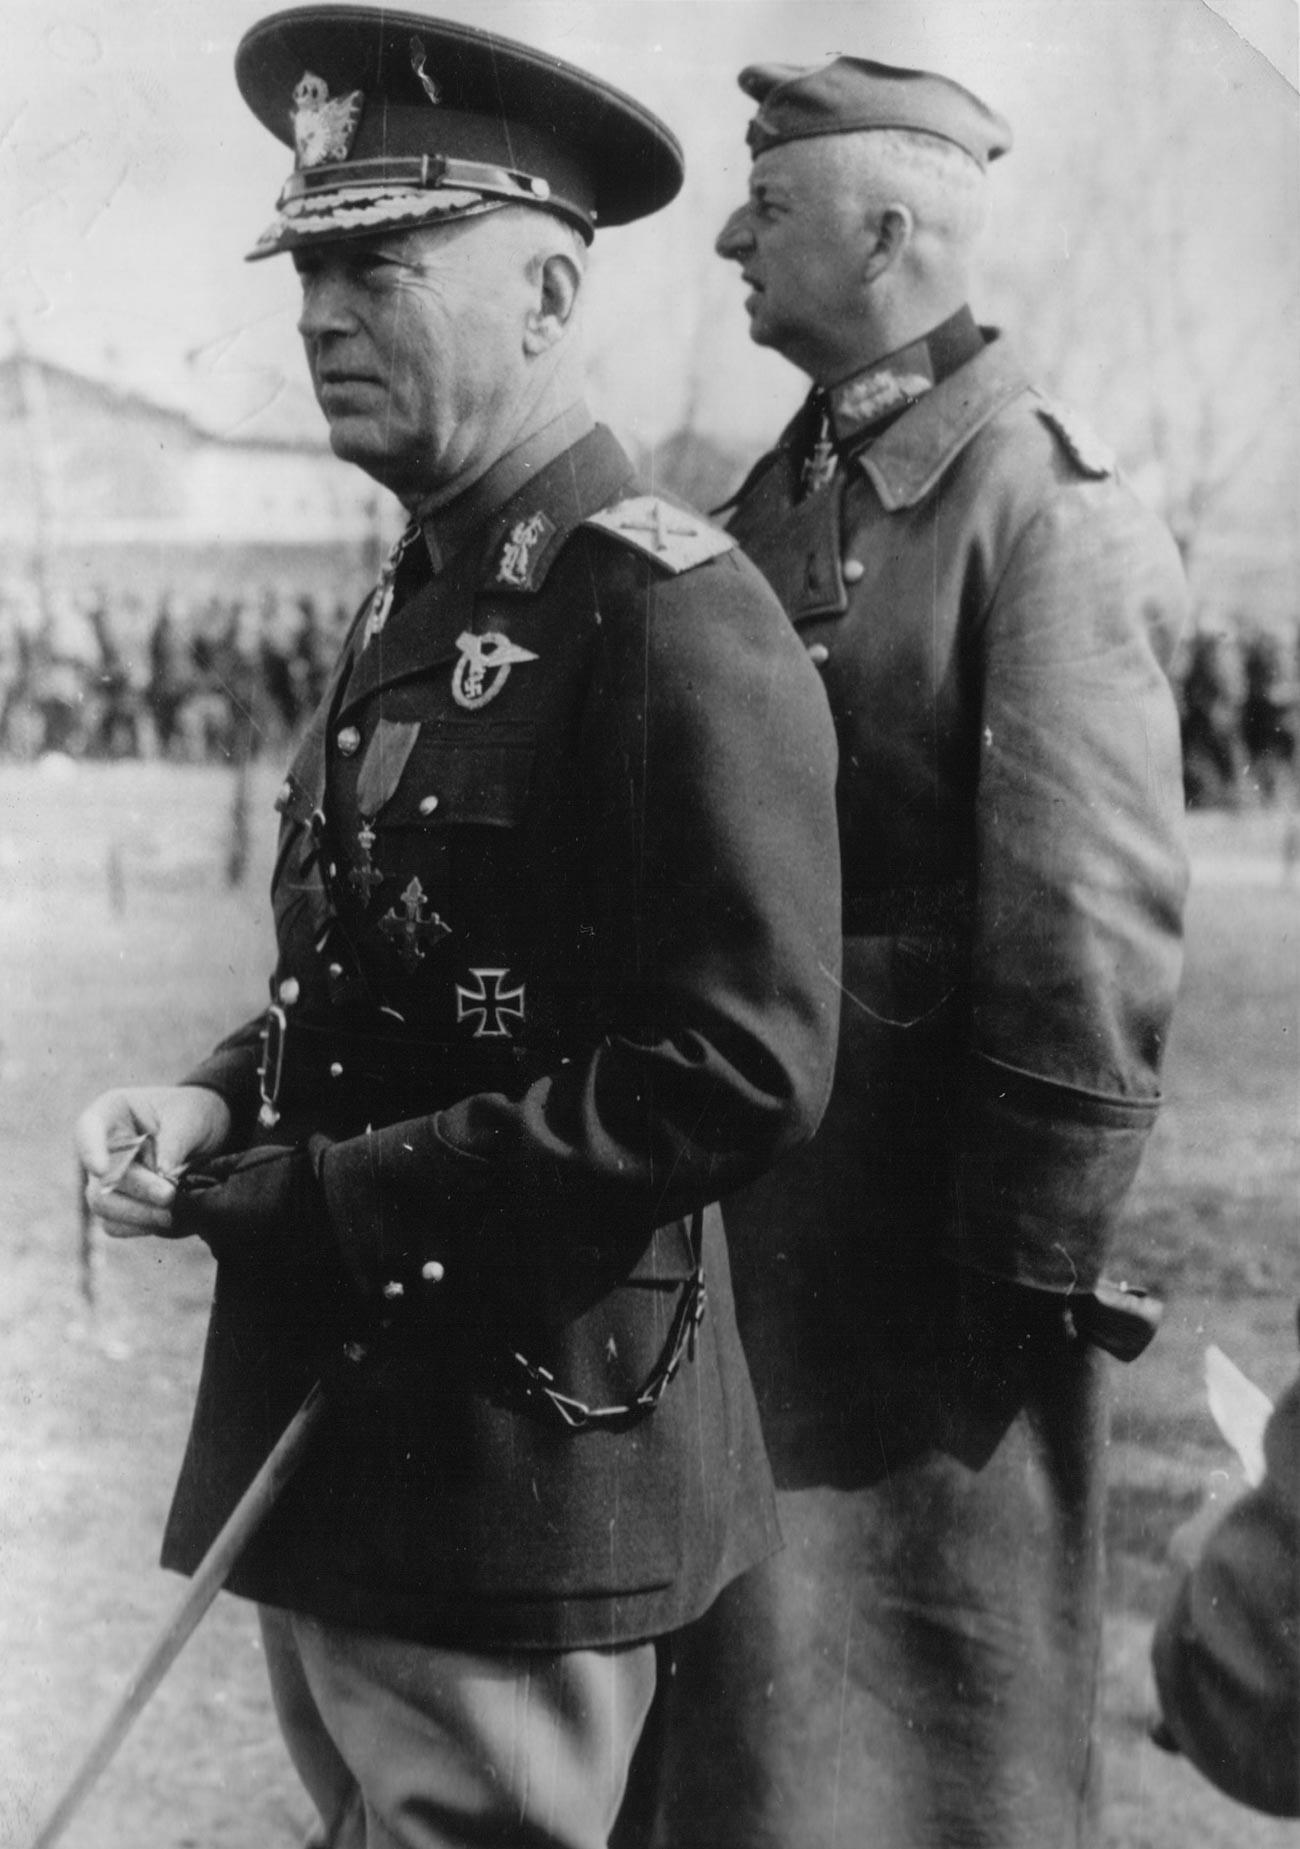 Маршал И. Антонеску и генерал Э. фон Манштейн инспектируют румынские части в Крыму, май 1942.